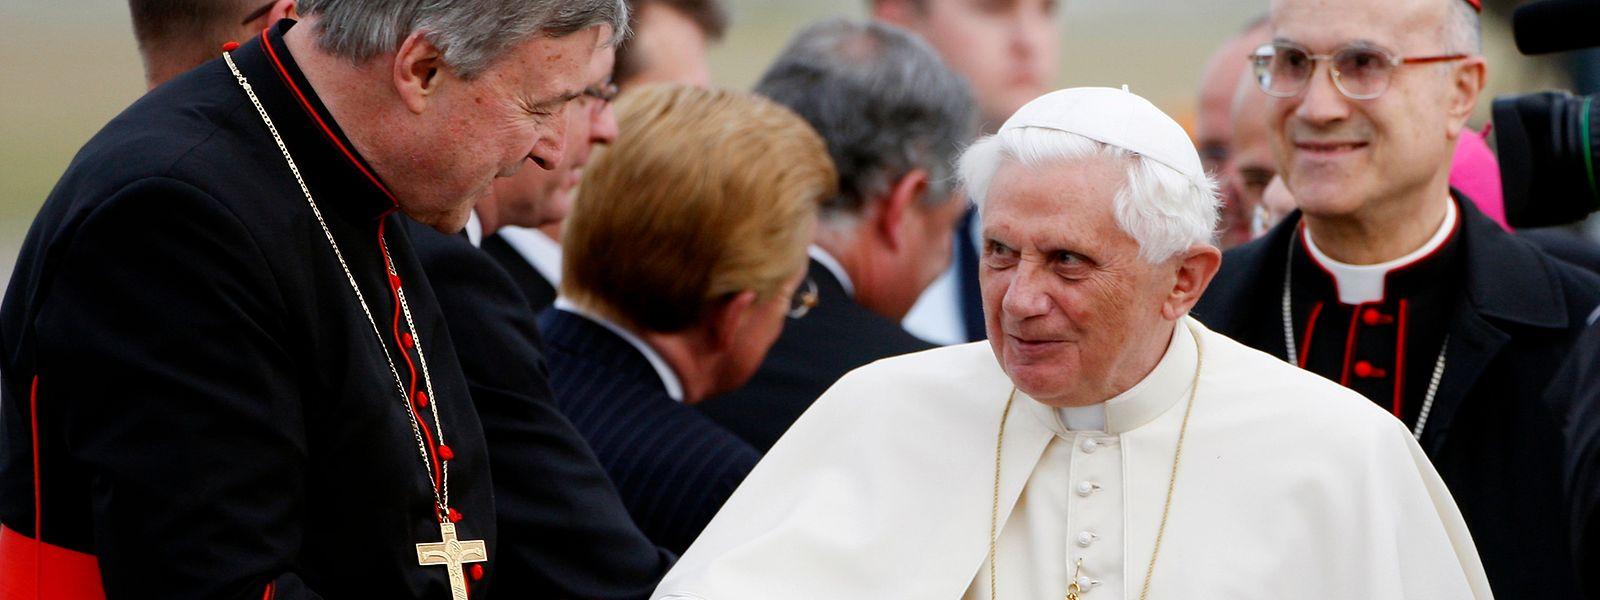 Papst Benedikt XVI. wurde 2008 vom damaligen Erzbischof von Sydney, Kardinal George Pell (links), in Australien empfangen